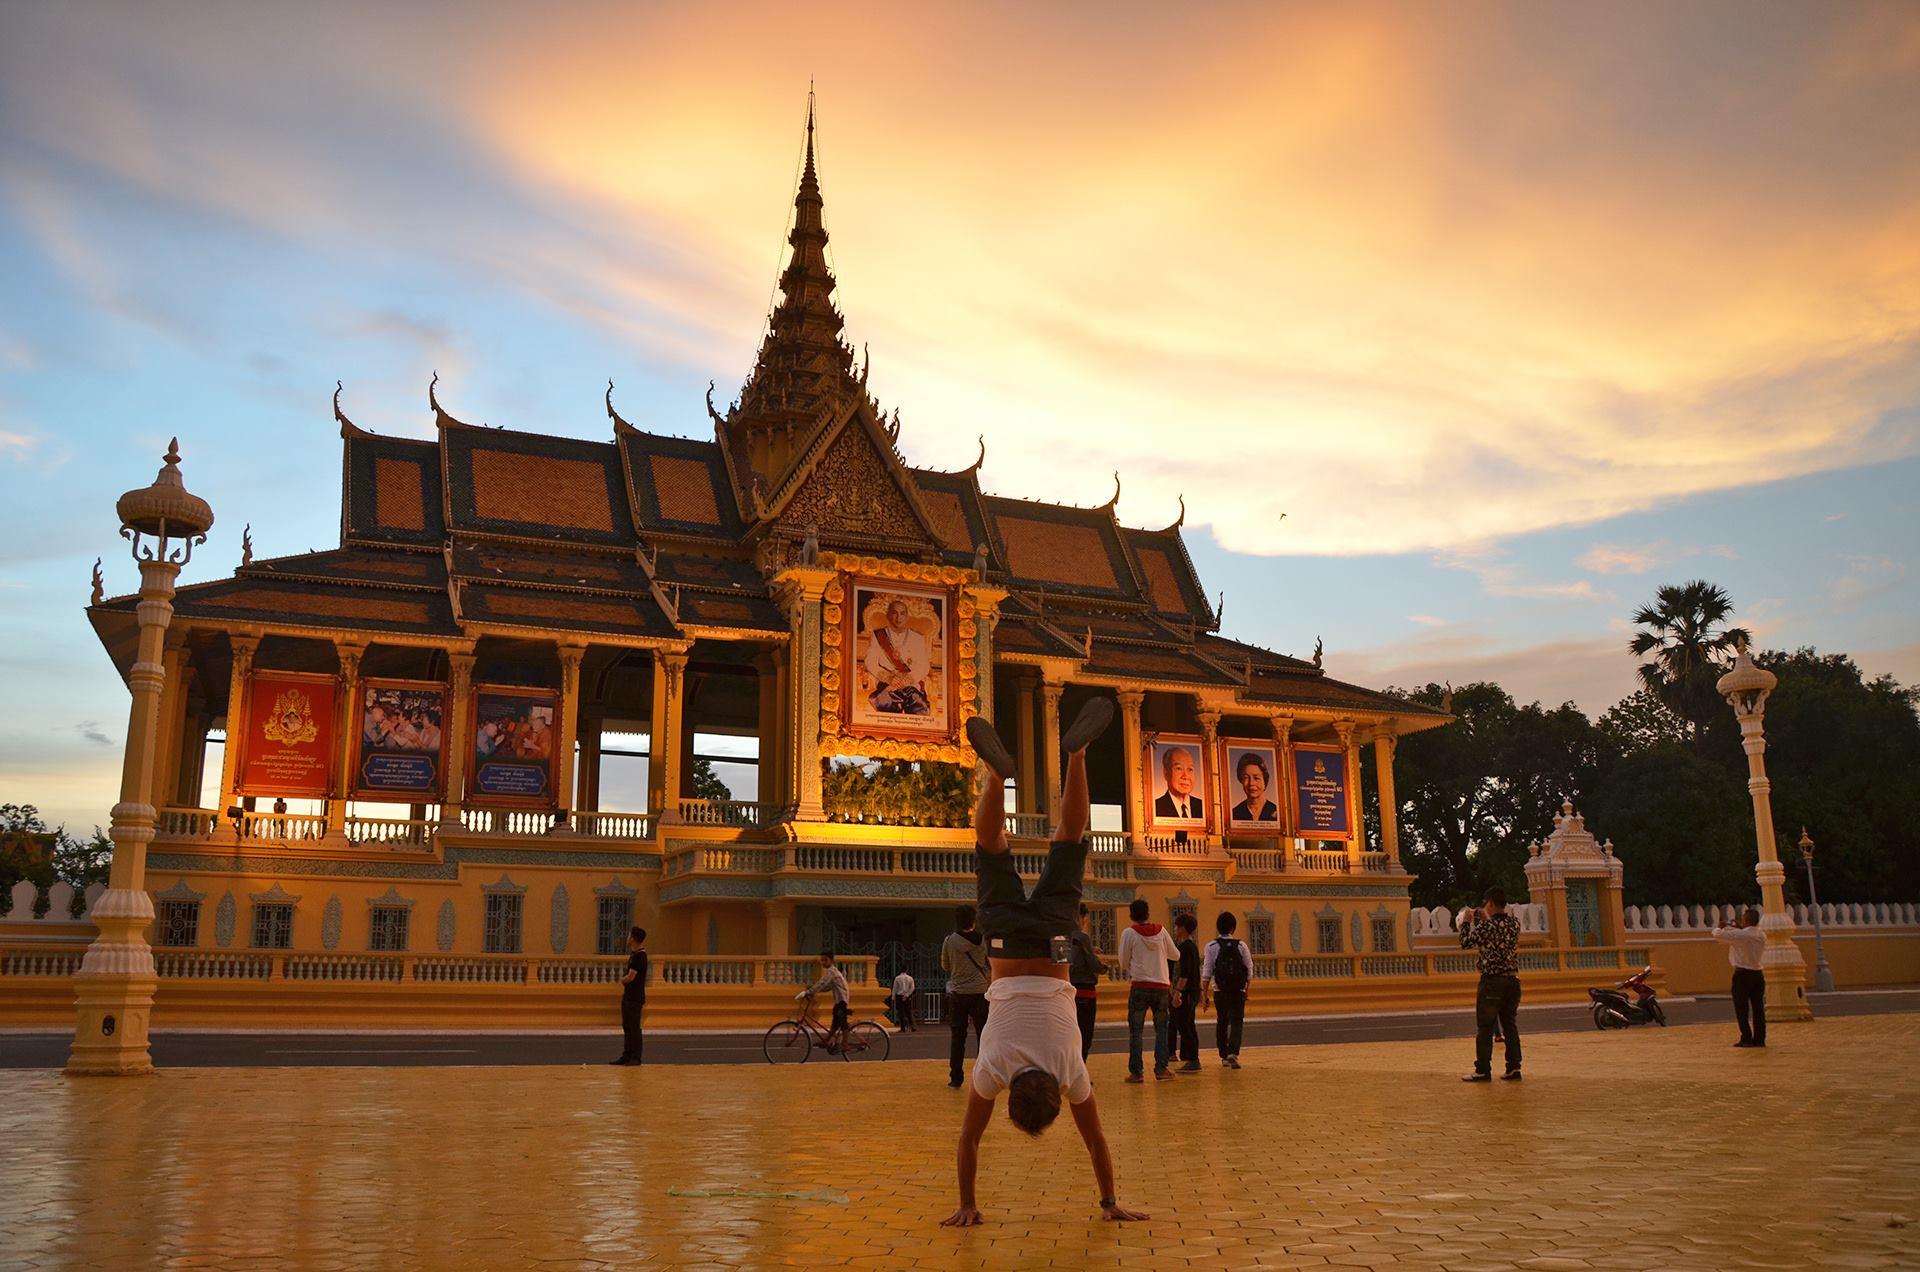 PHNOM PENH, KAMODŽA Kráľovský palác v hlavnom meste Kambodže. Toto bolo krátko predtým, ako bratovi ukradli telefón a večer sme strávili na policajnej stanici. Starší tučný policajt sedel v slipoch na stole a mladší sa zatiaľ snažil v meste zohnať tlačiareň, na ktorej by sa vytlačila zápisnica o krádeži. Taký krásny večer.